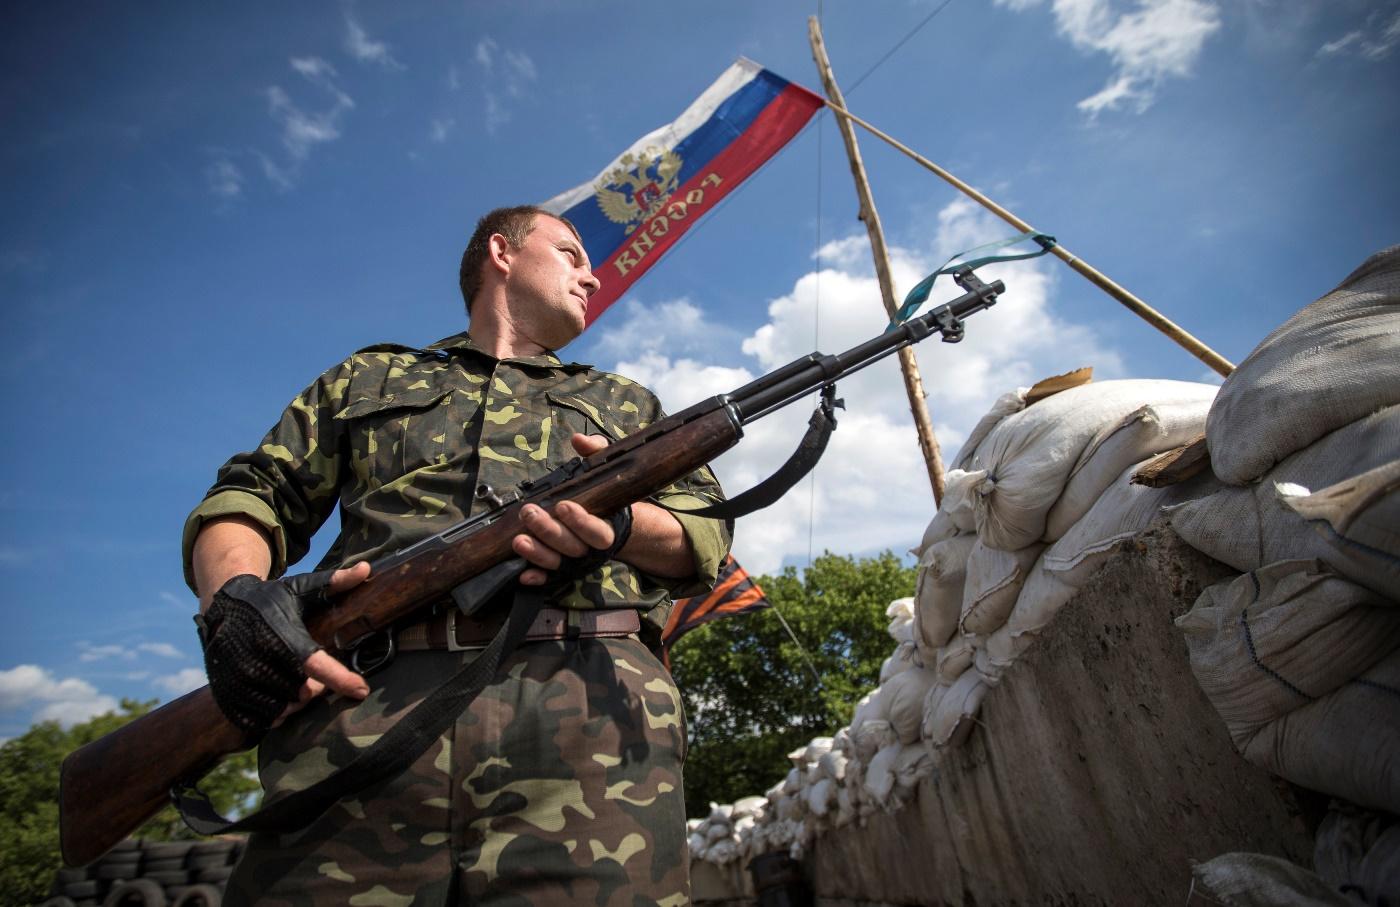 Εντείνεται η ανησυχία Δυτικών και Ουκρανών για τις κινήσεις της Μόσχας